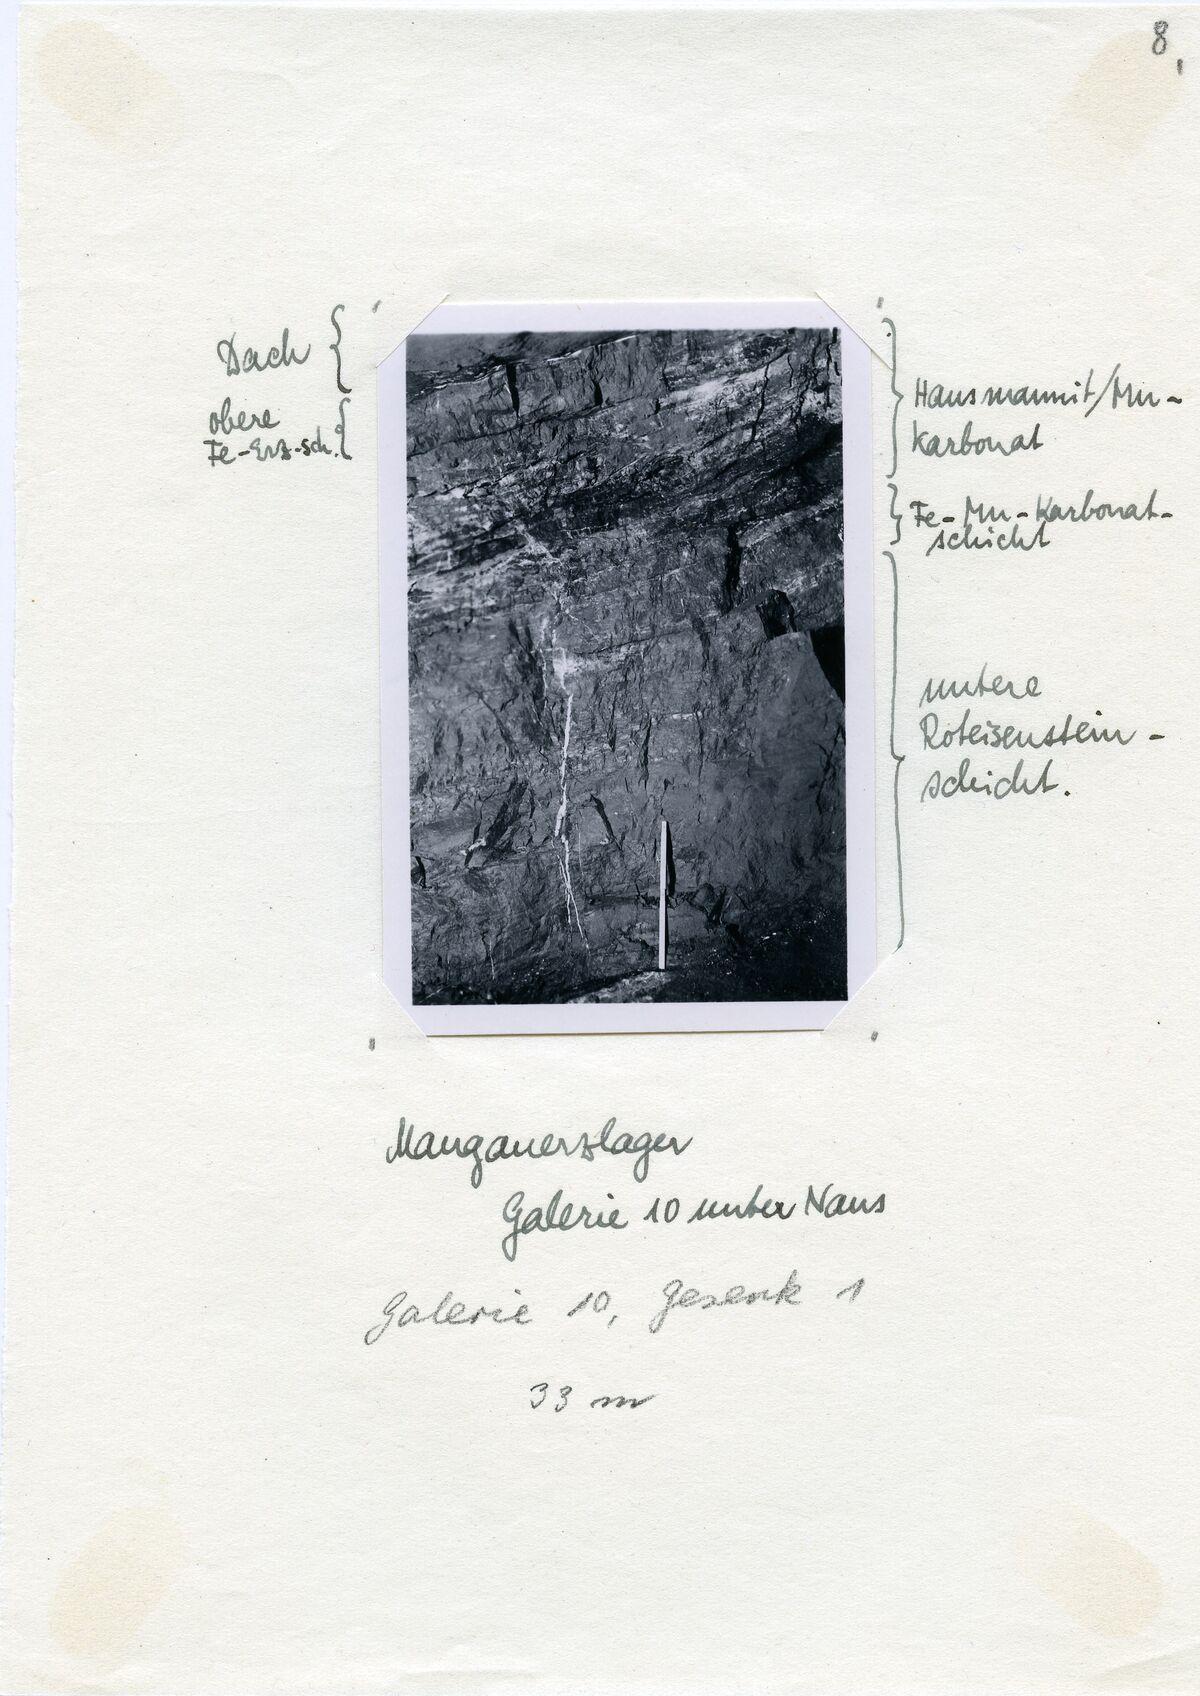 EBA 2/321.33: Gonzen, mine photos underground